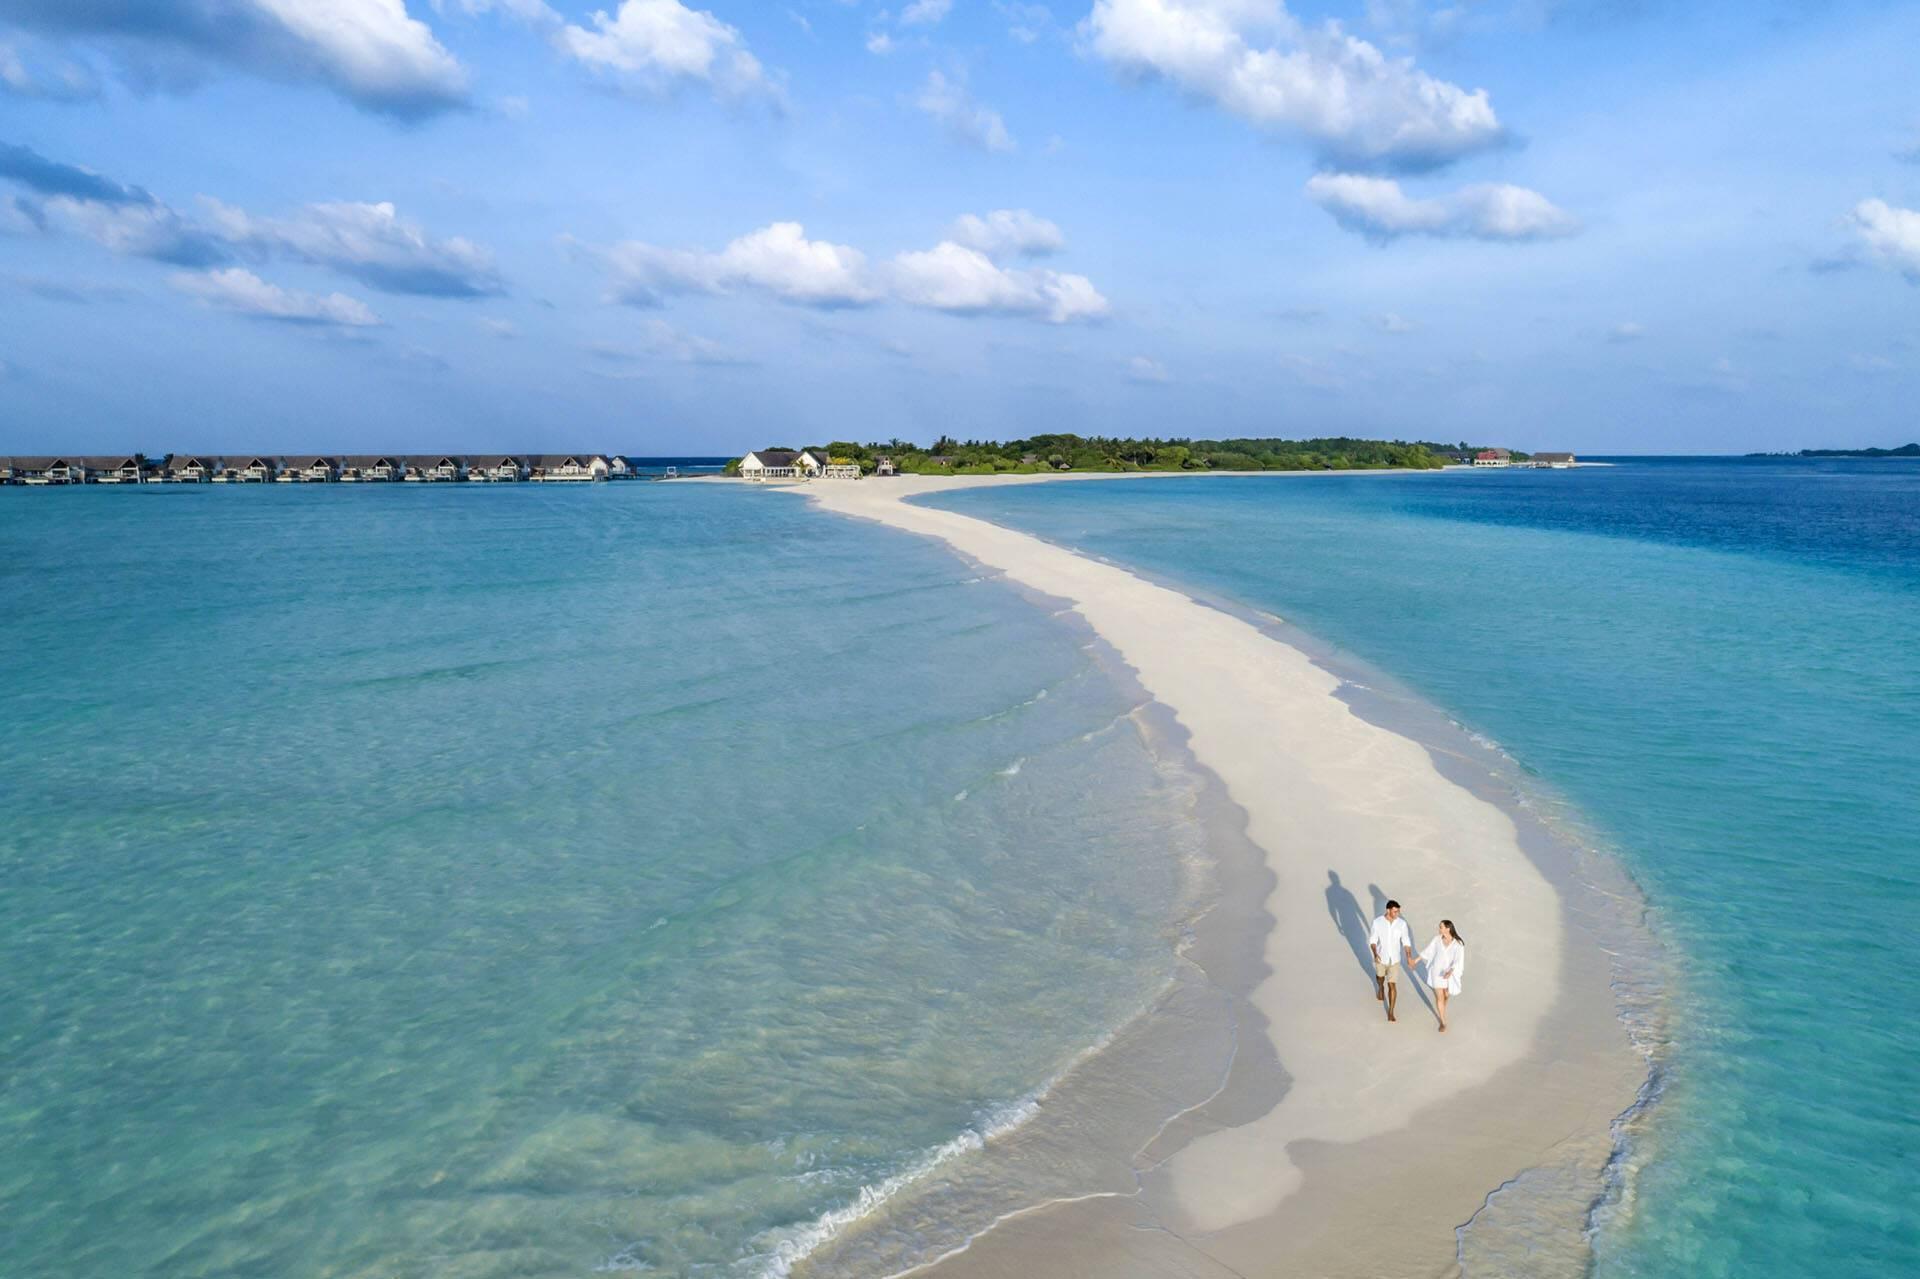 Four Seasons Landaa Giraavaru Maldives Vue Ile